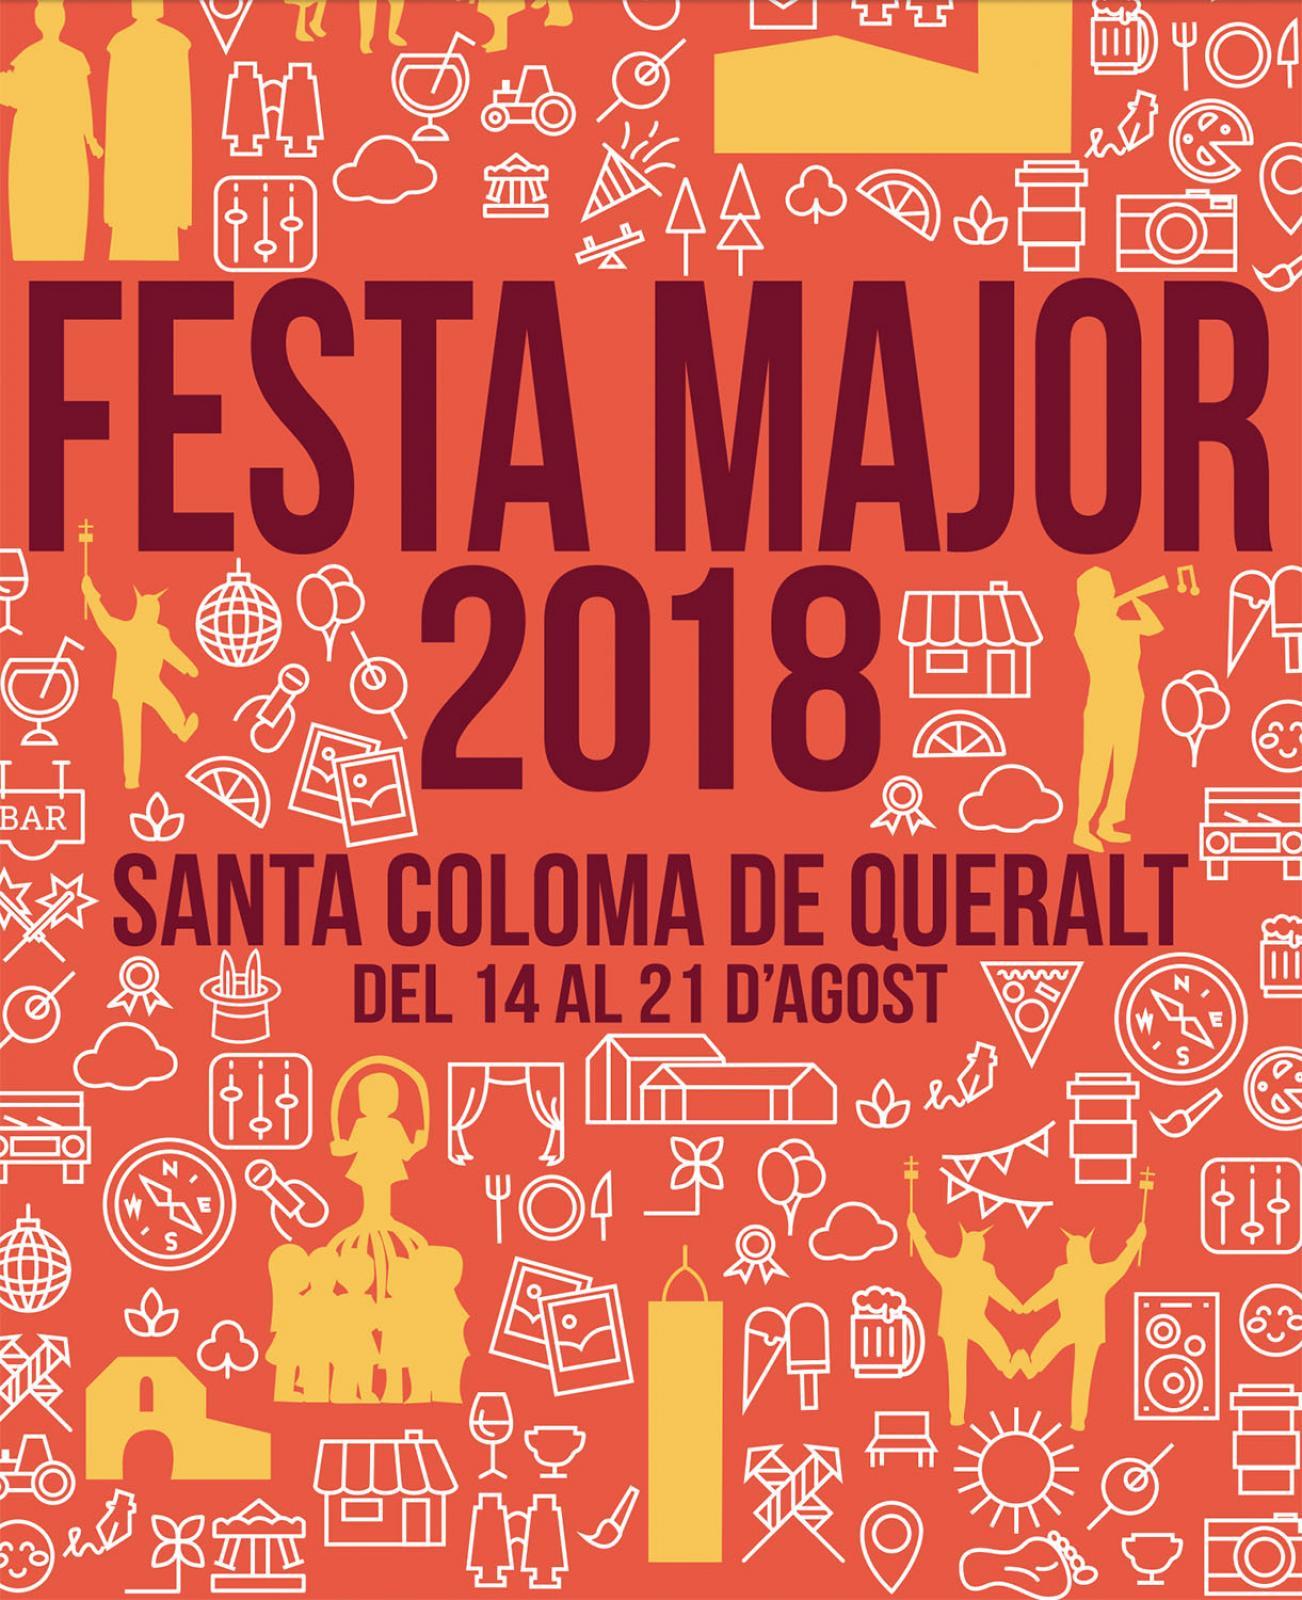 Festa Major de Santa Coloma de Queralt 2018